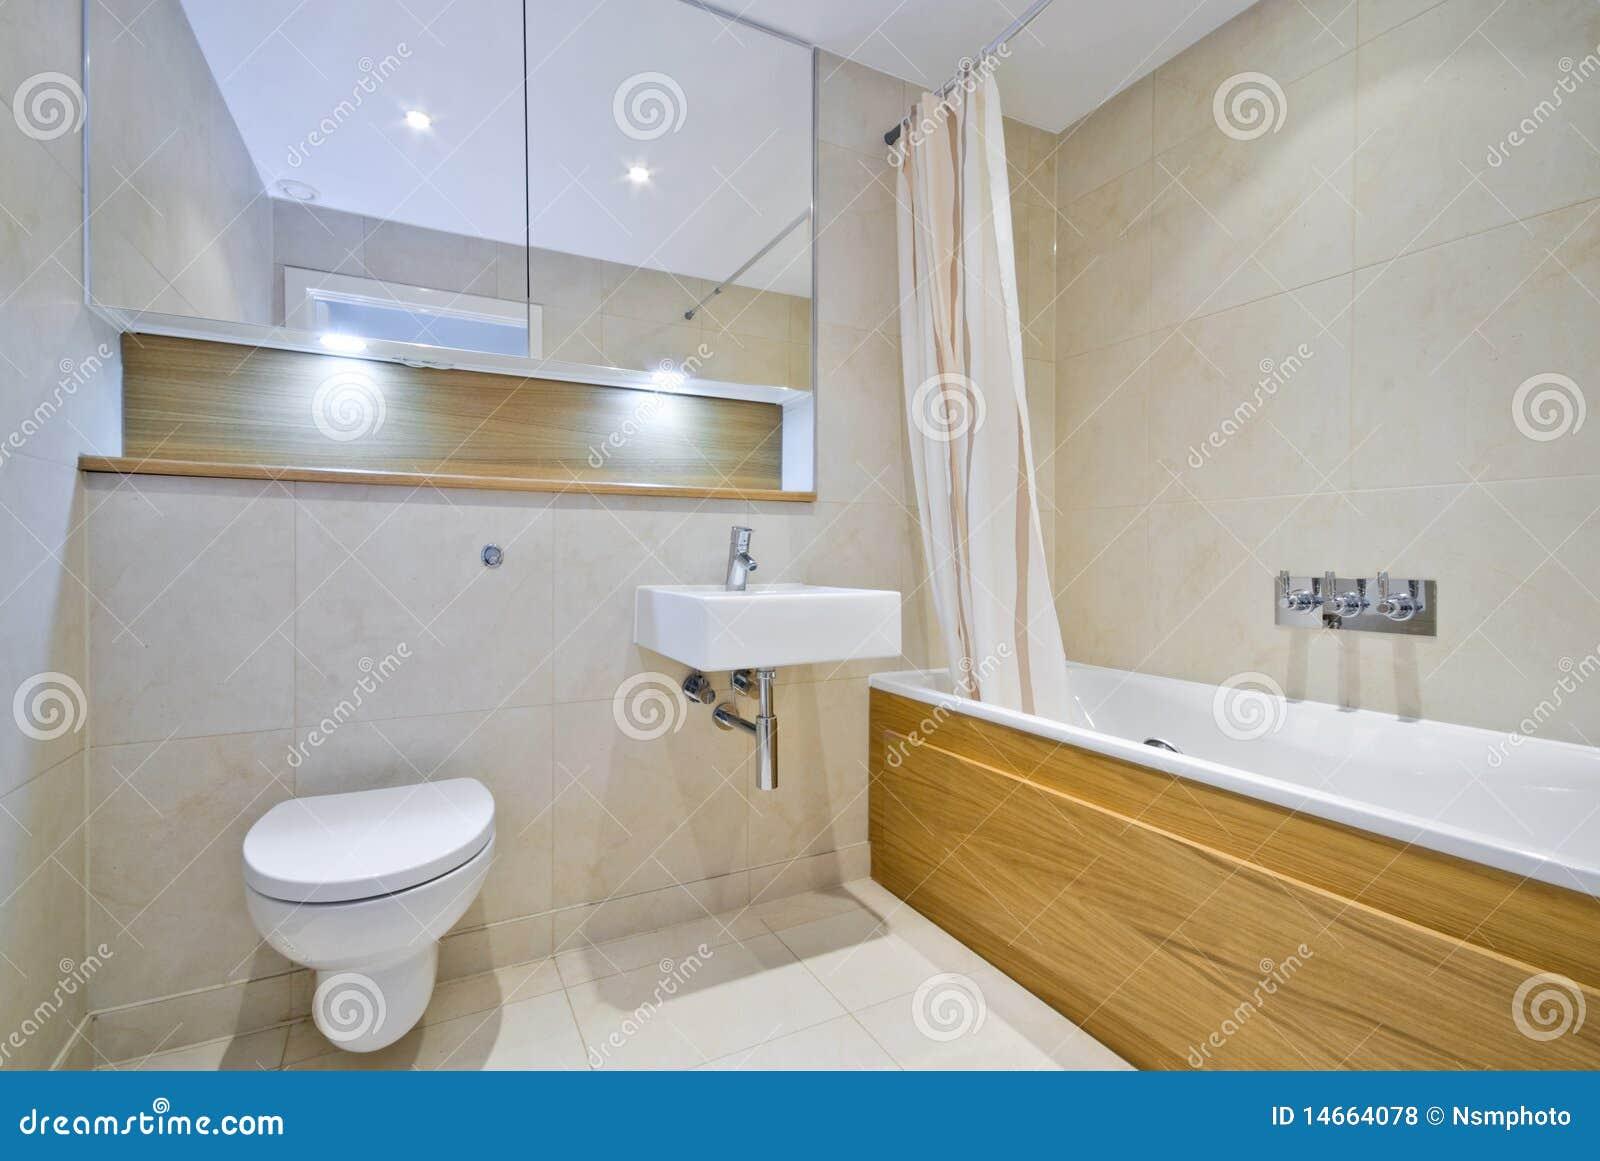 Best Das Moderne Badezimmer Typische Dinge Images - Home Design ...